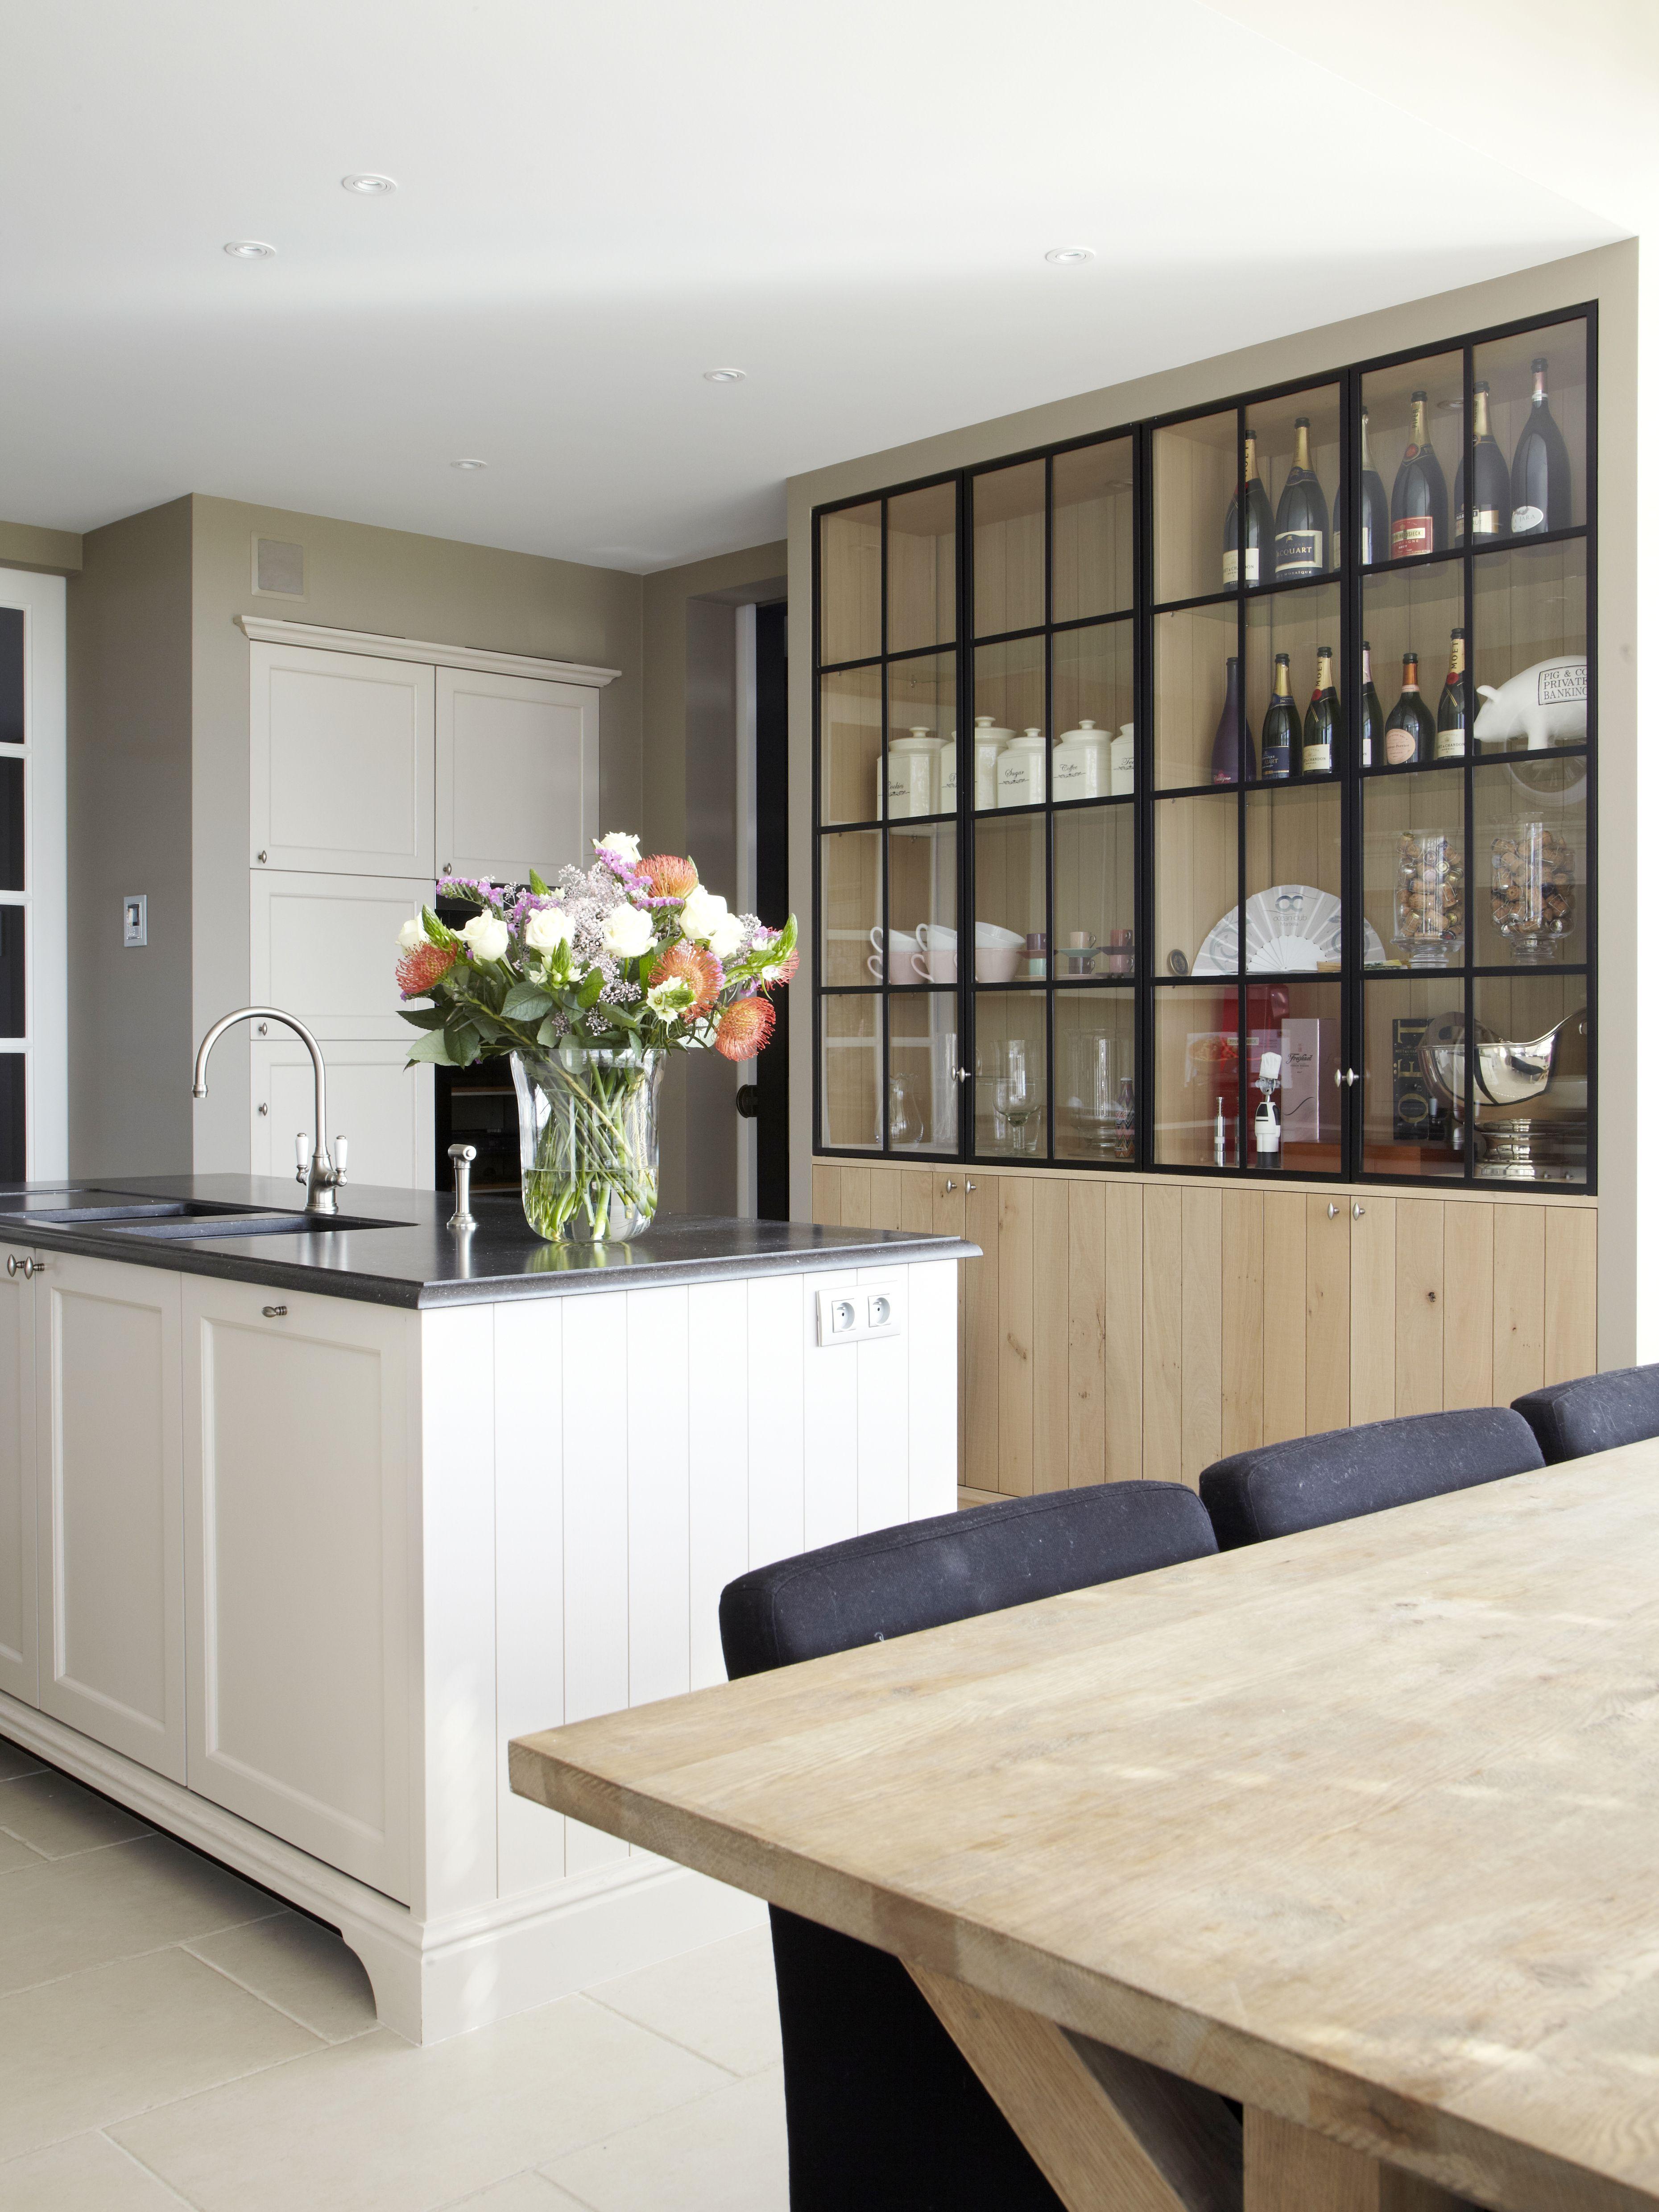 Landelijke Keuken In Massief Eik Gelakt En Massief Eiken Kast Met Staaldeurtjes Keuken Interieur Keuken Idee Keuken Inrichting